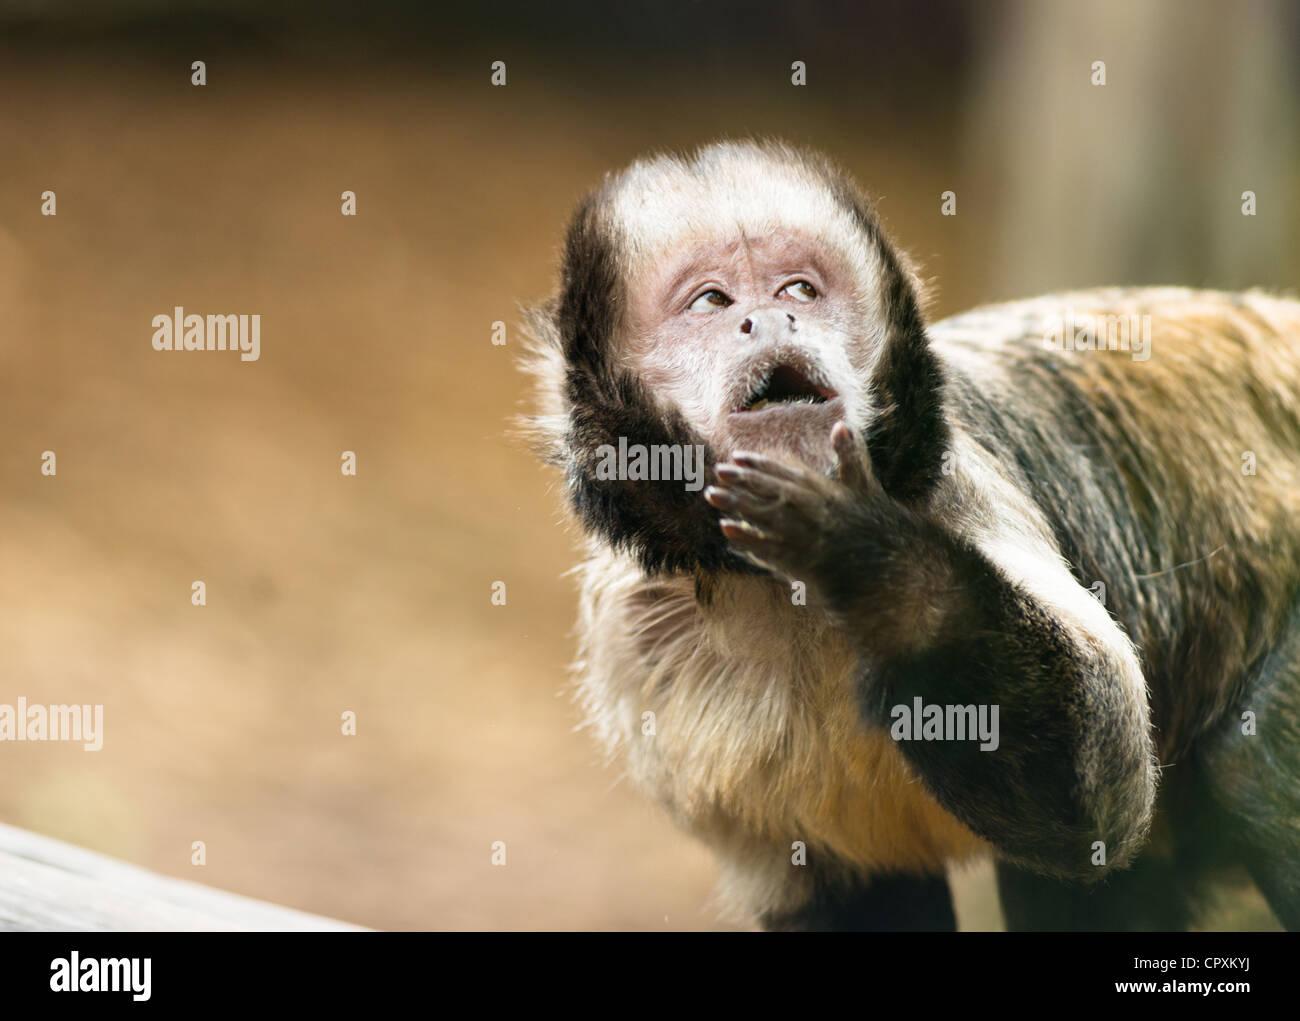 Tufted mono capuchino (Sapajus apella) con pícara expresión pensativa. Imagen De Stock